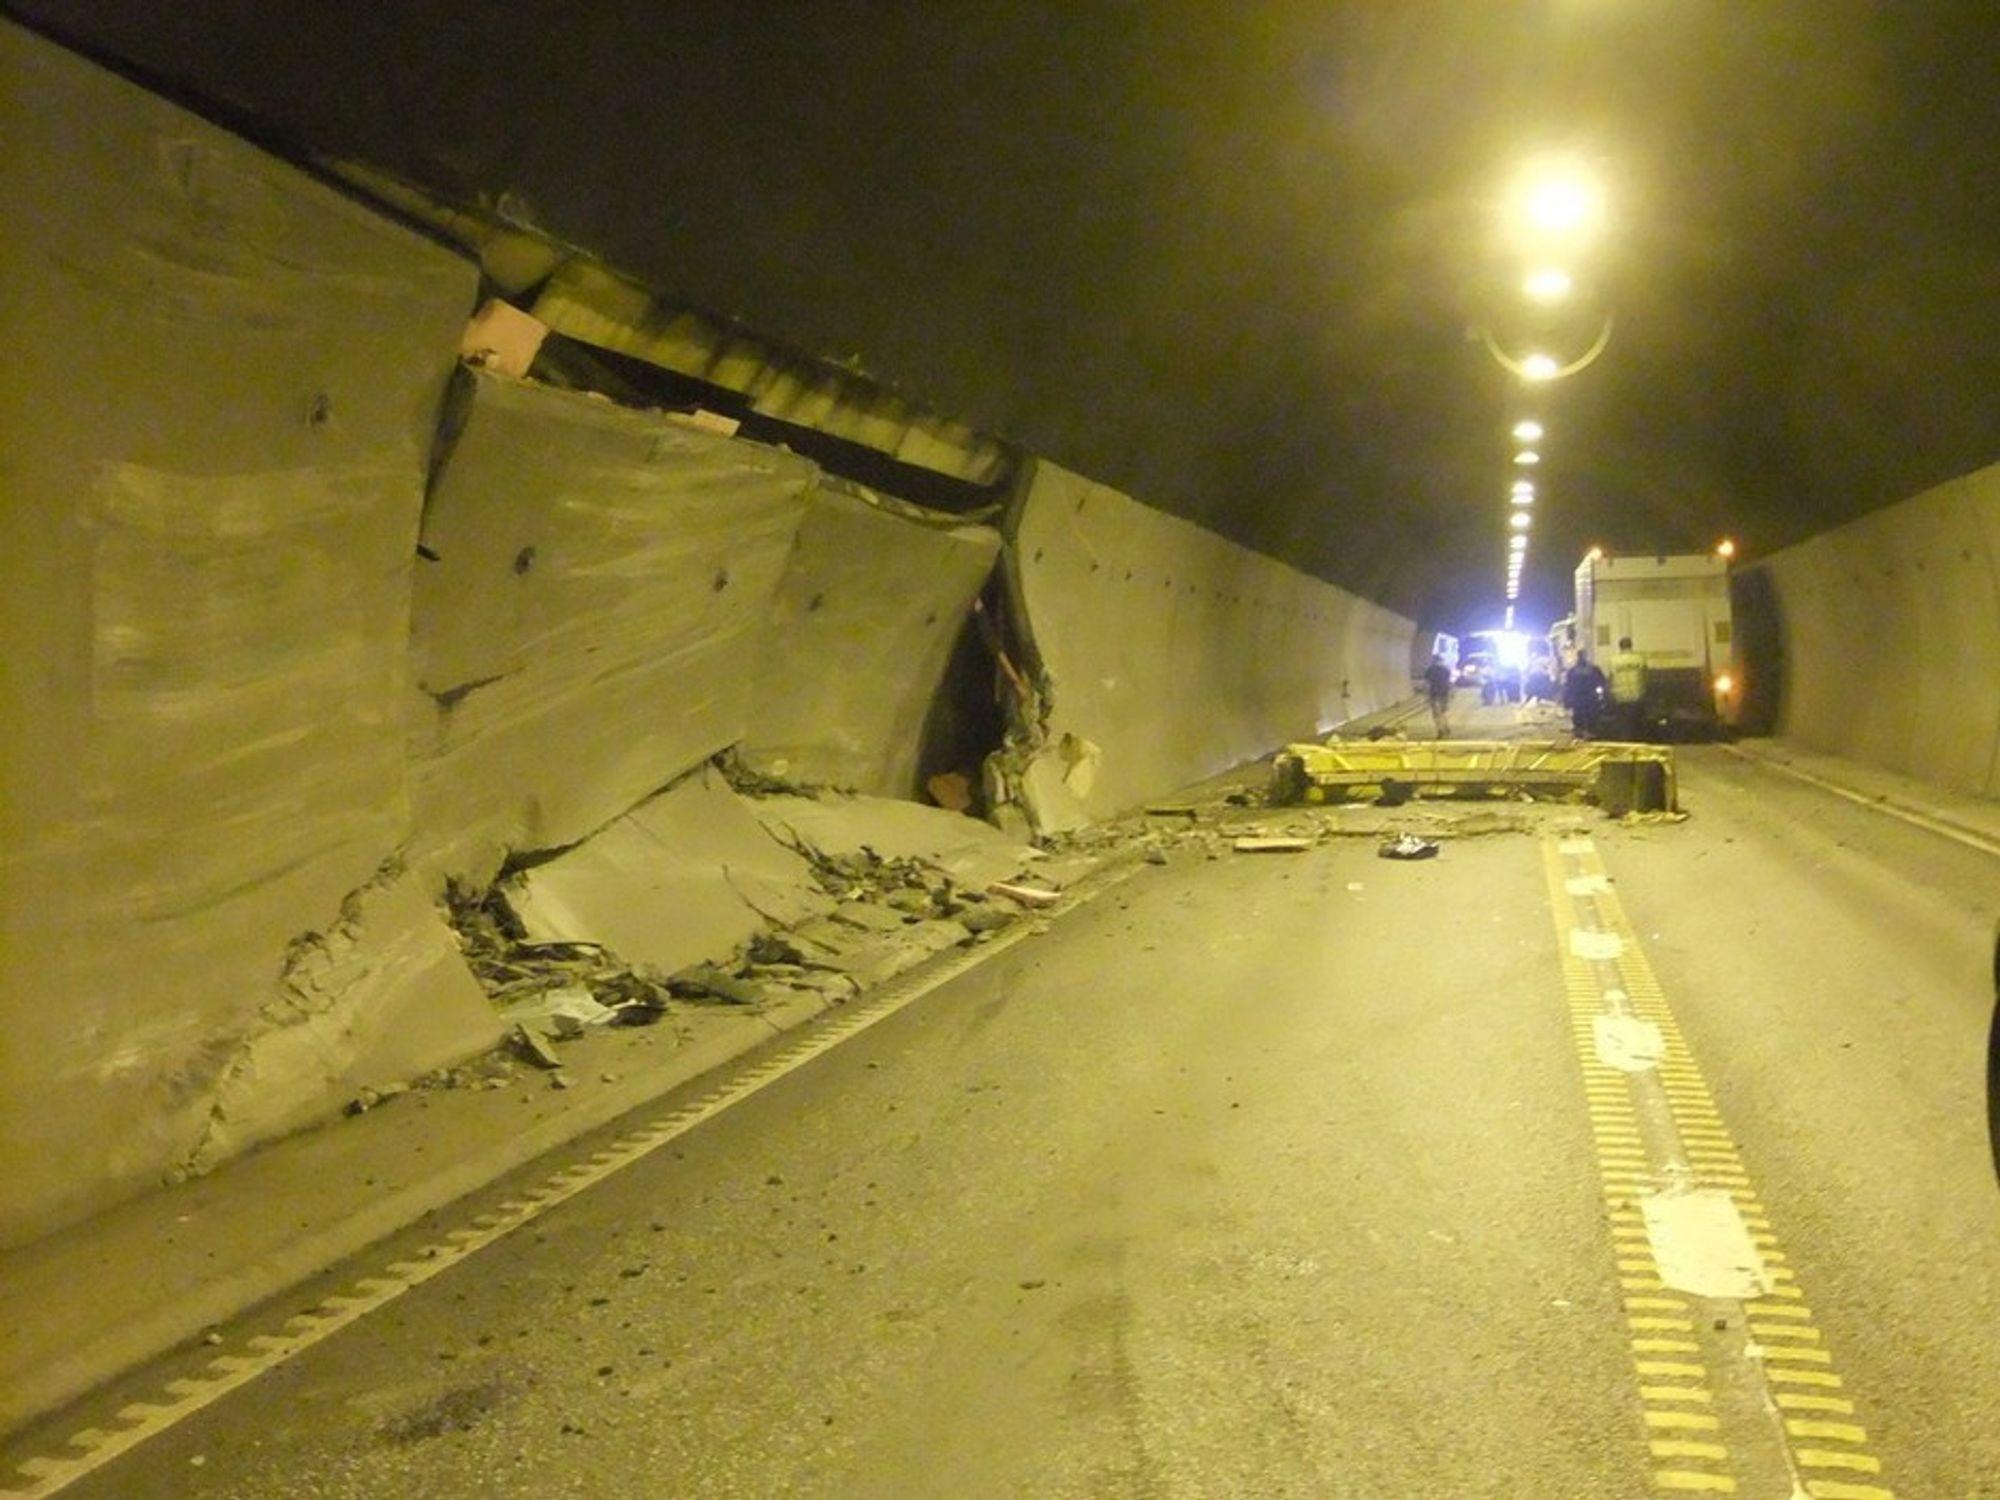 Bambletunnelen er fredag åpen for trafikk etter at et vogntog kjørte inn i tunnelveggen torsdag. Fem av betongplatene i tunnelveggen ble ødelagt i kollisjonen, og farten er satt ned til 50 kilometer i timen fram til nye plater er på plass.